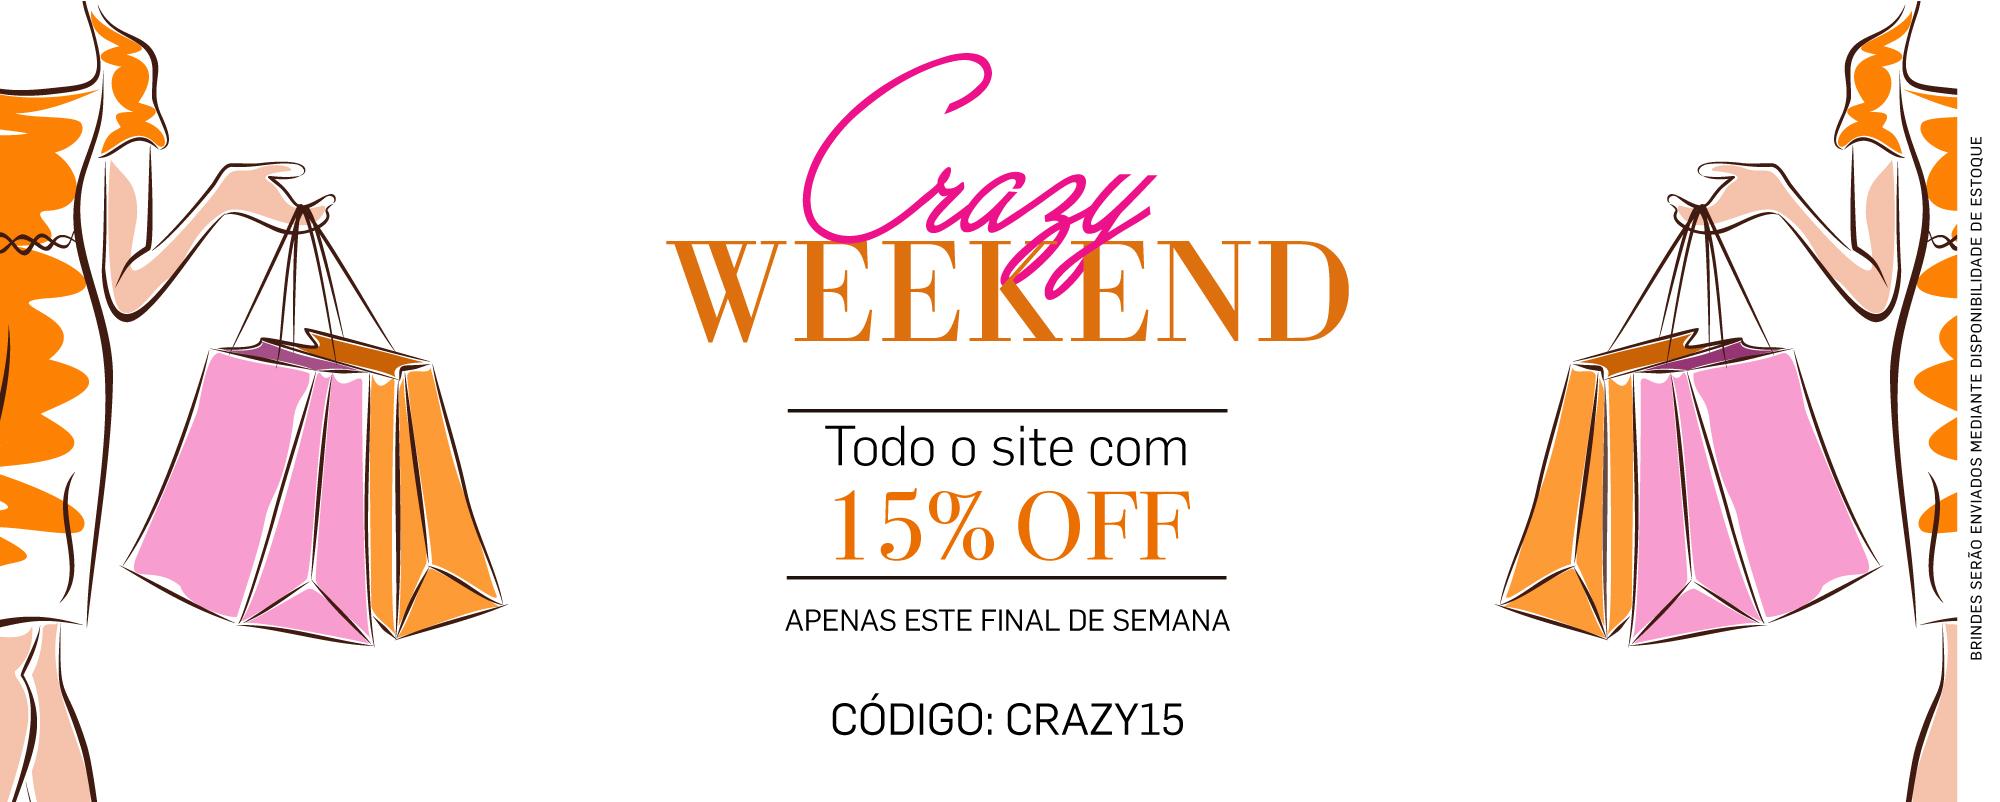 Crazy Weekend